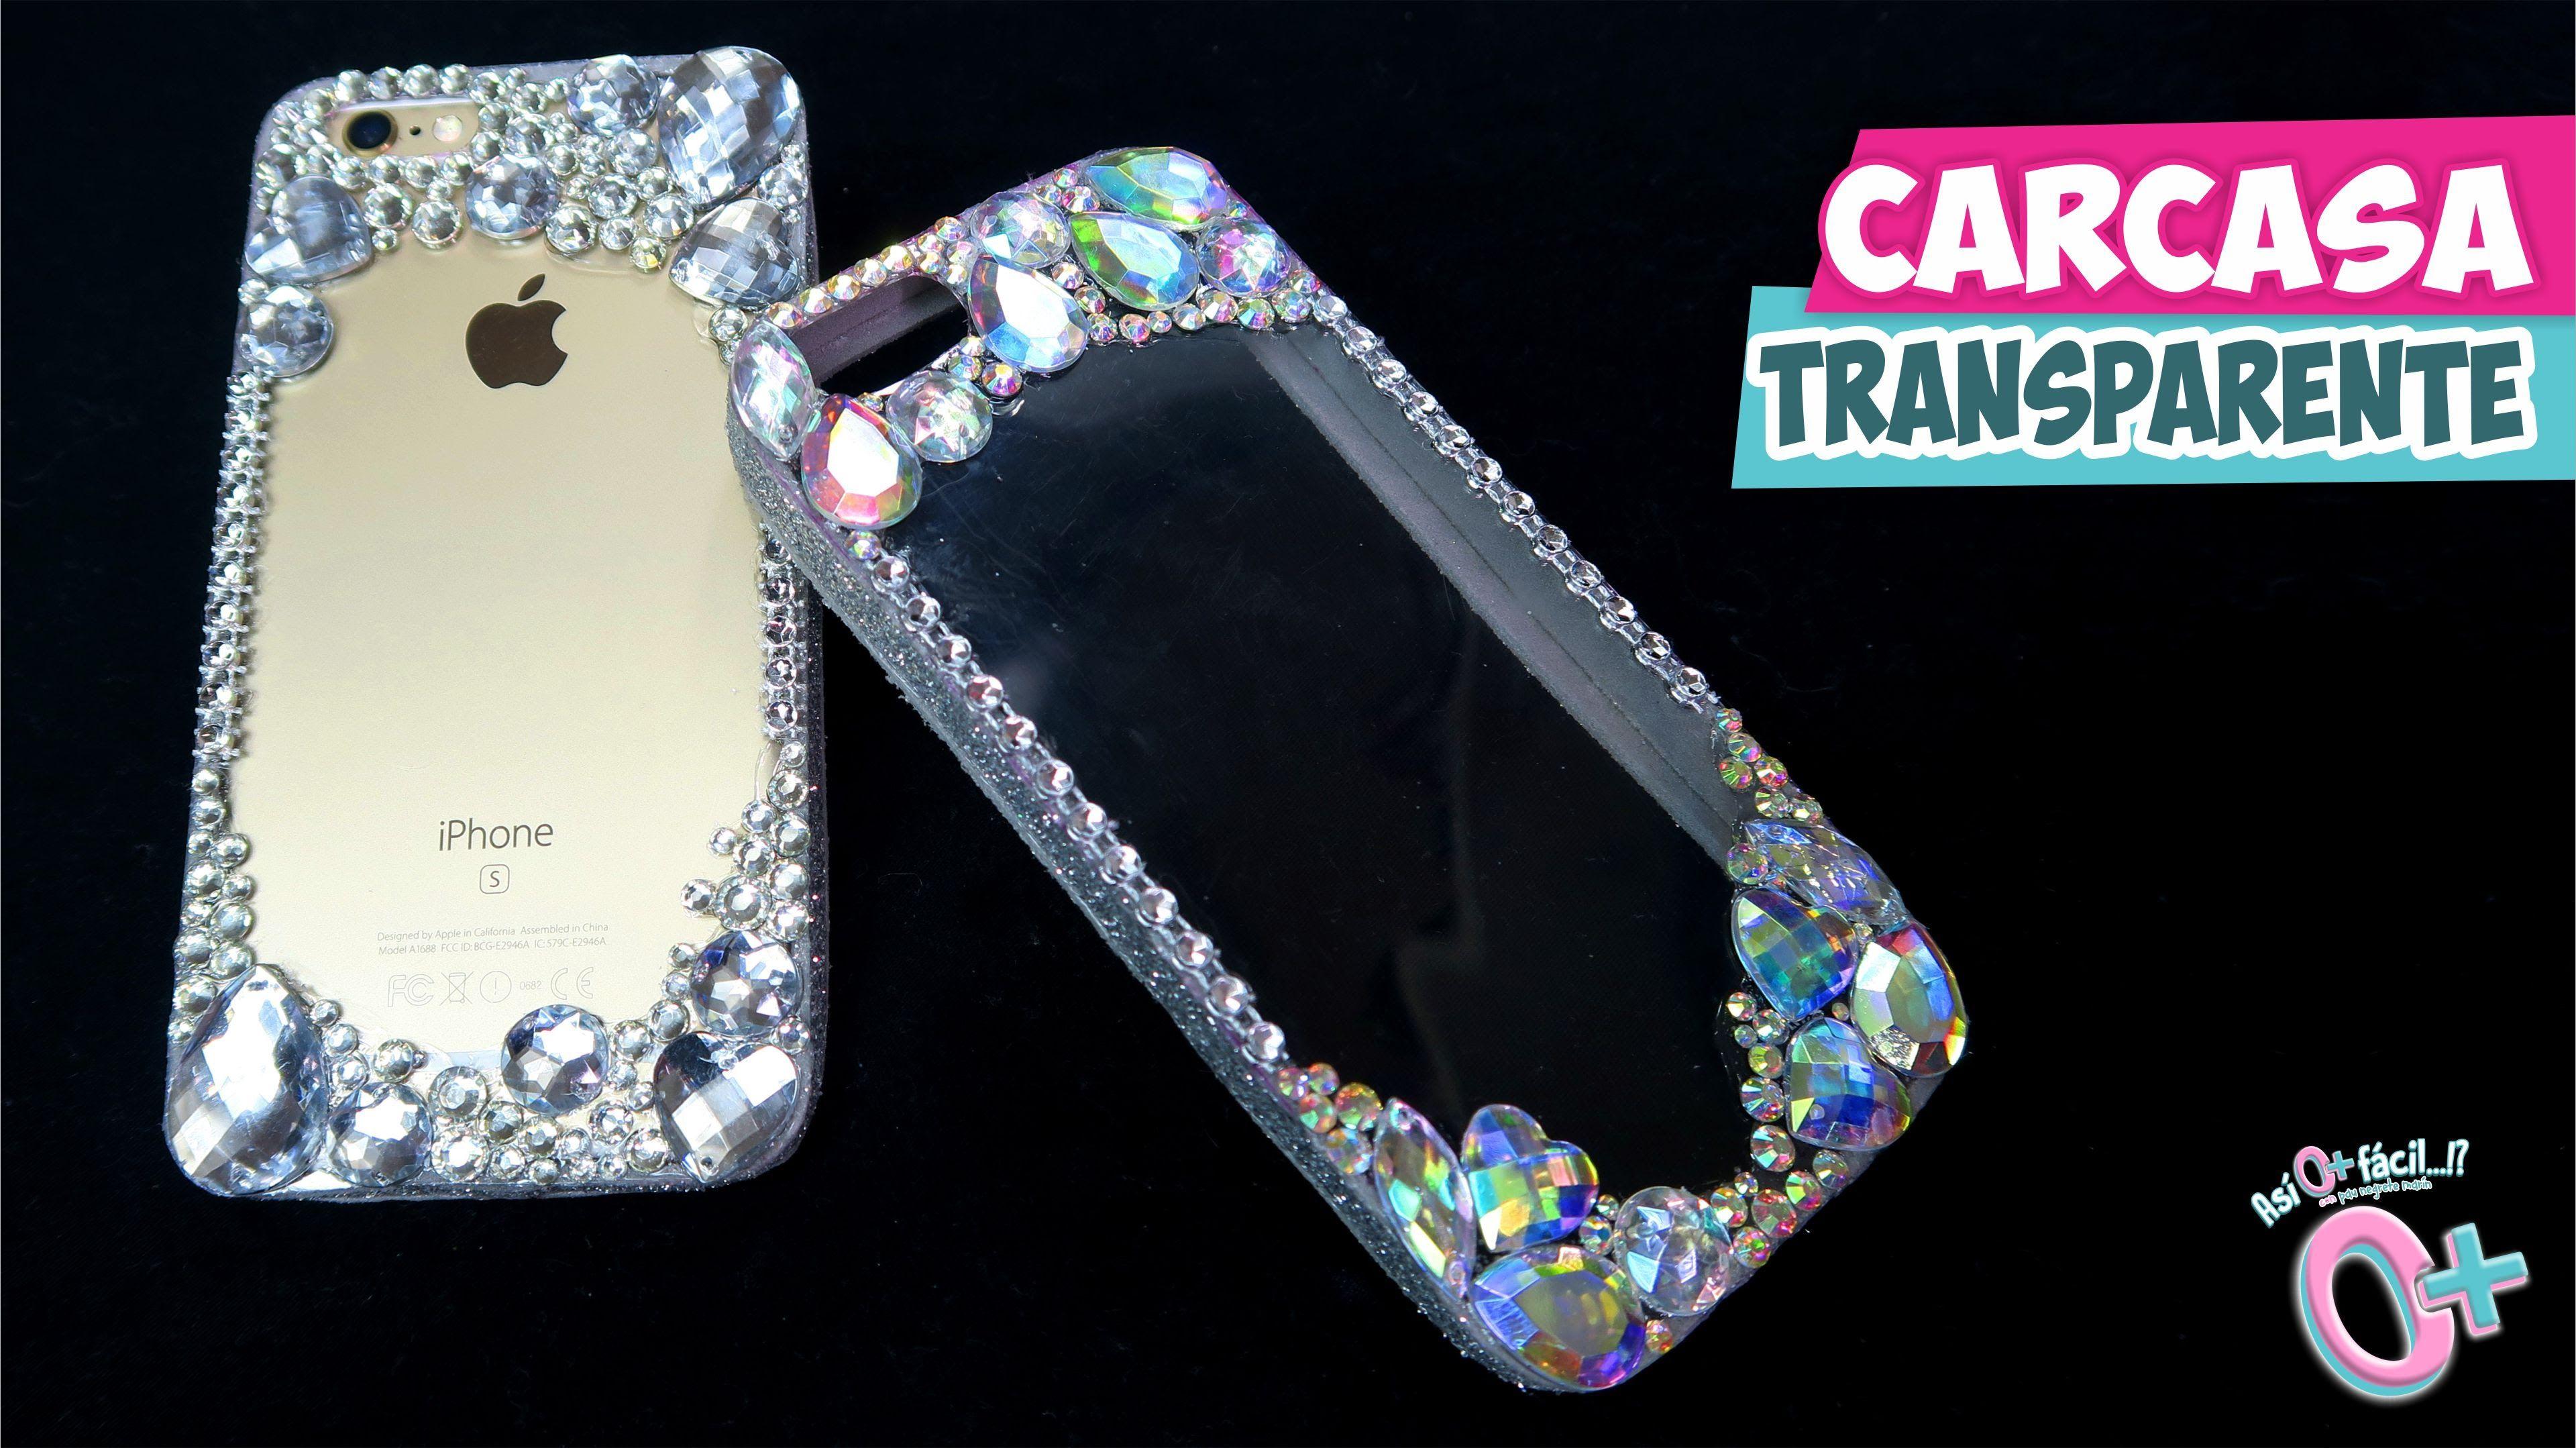 ccf89ed5015 DIY✓ FUNDAS TRANSPARENTES CASERAS con CRISTALES☆Así o más fácil ...